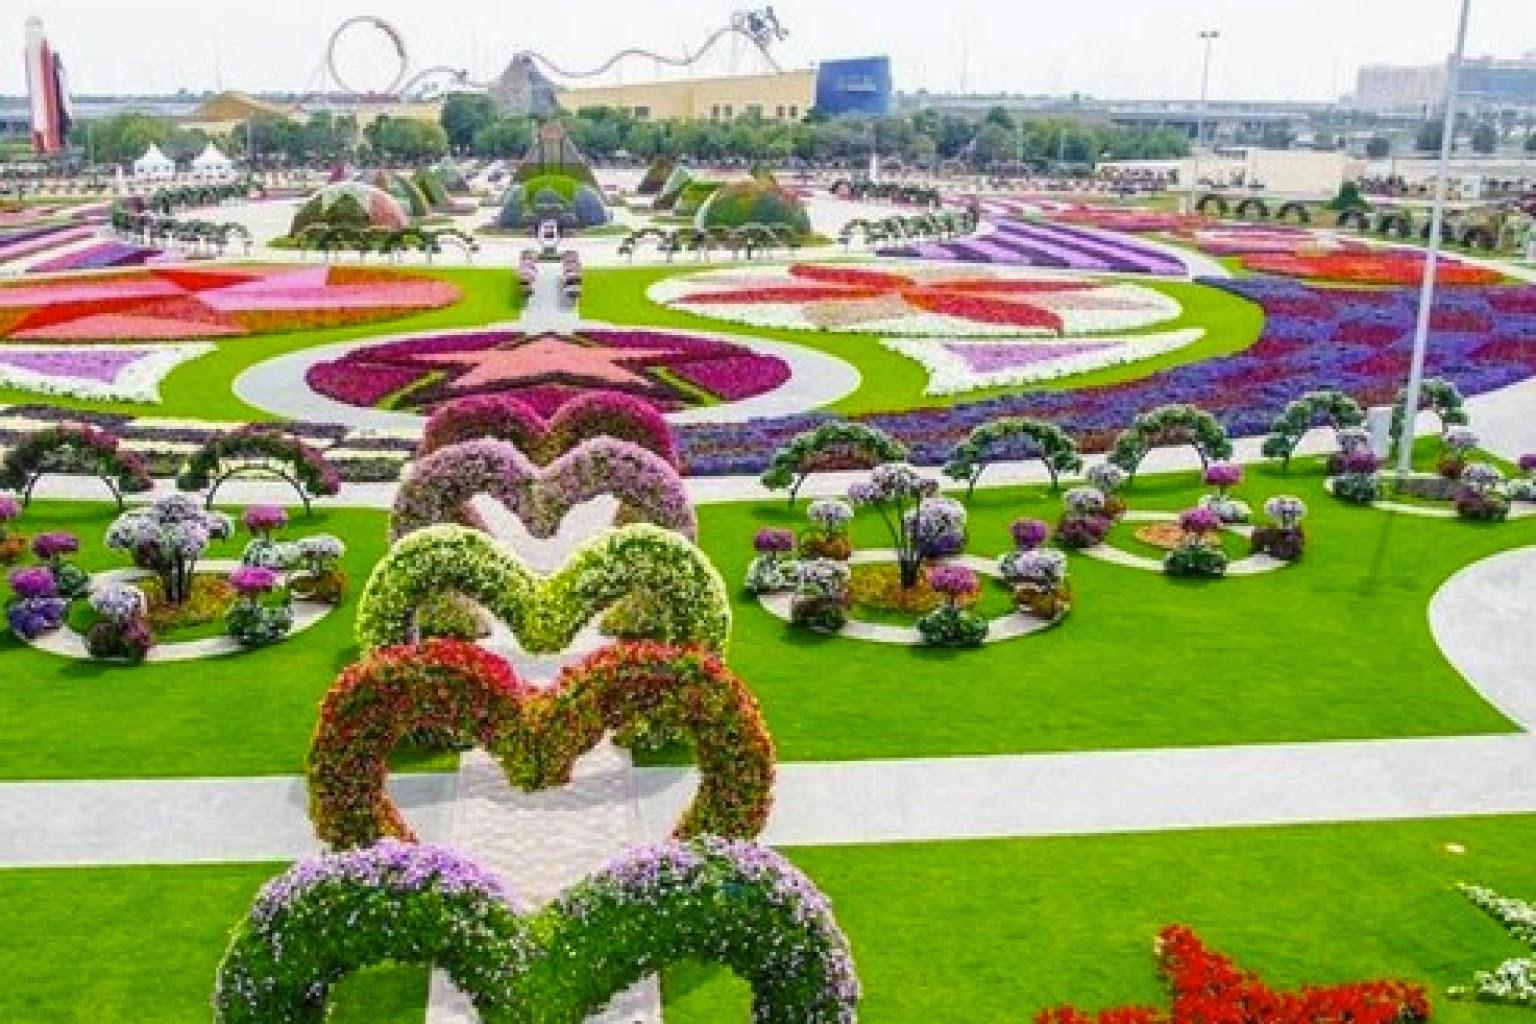 Secret Garden: The Most Amazing Garden In The World